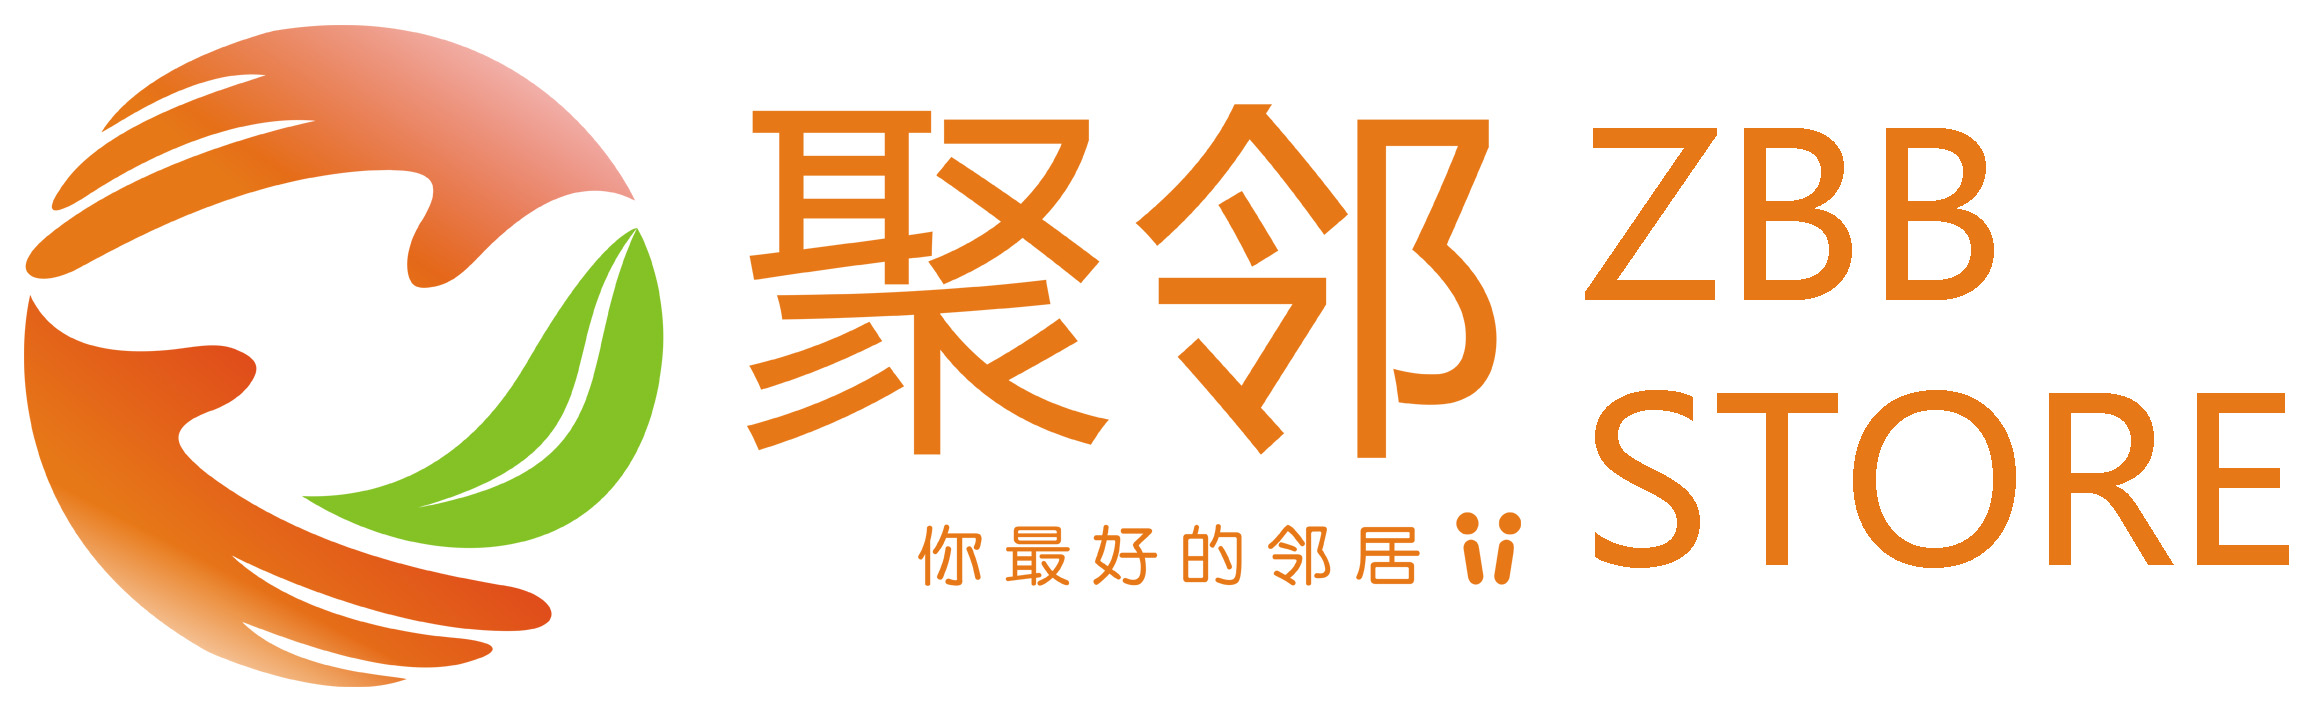 智变网络平台—诚邀供应服务商加盟